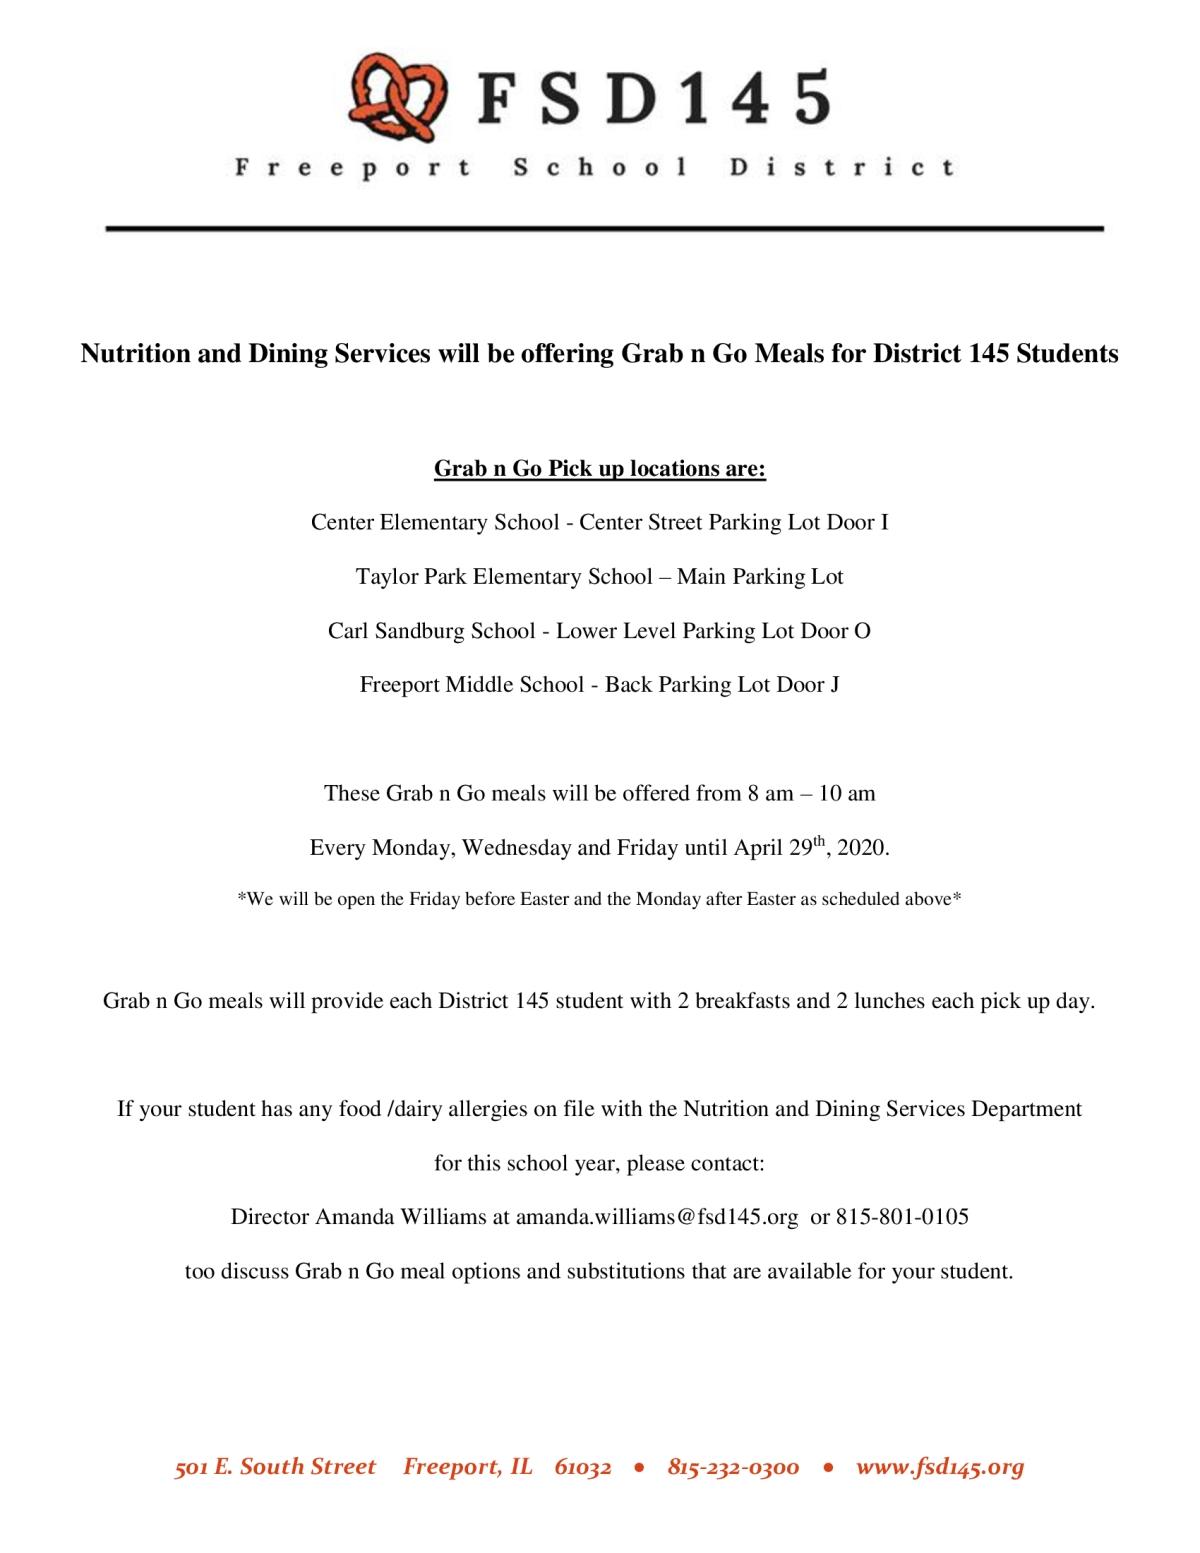 Image of a flyer titled April 2020 Grab n Go Meal Information